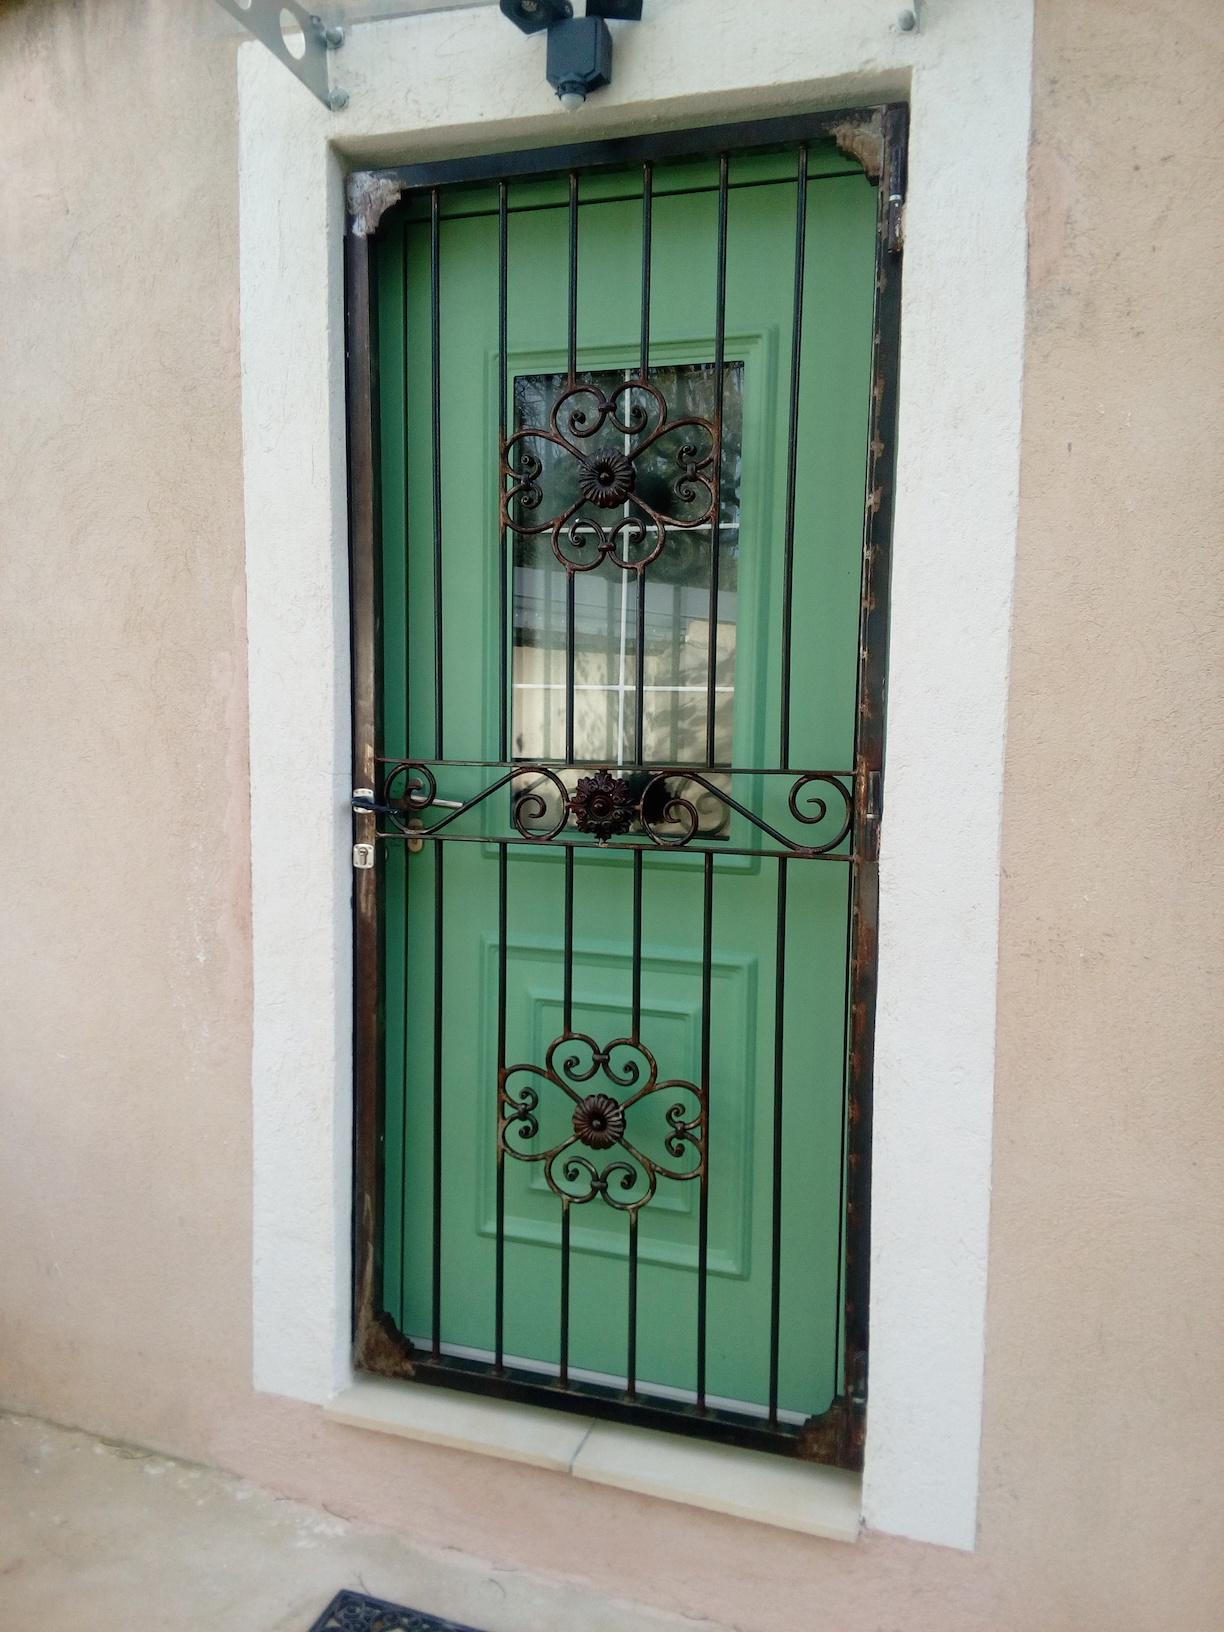 Conception fabrication et installation complete par notre client d'une porte grille fer forgé rélalisée à partir de norte gamme de pièces détachées aevc serrure 3 points . Localisation Marseille